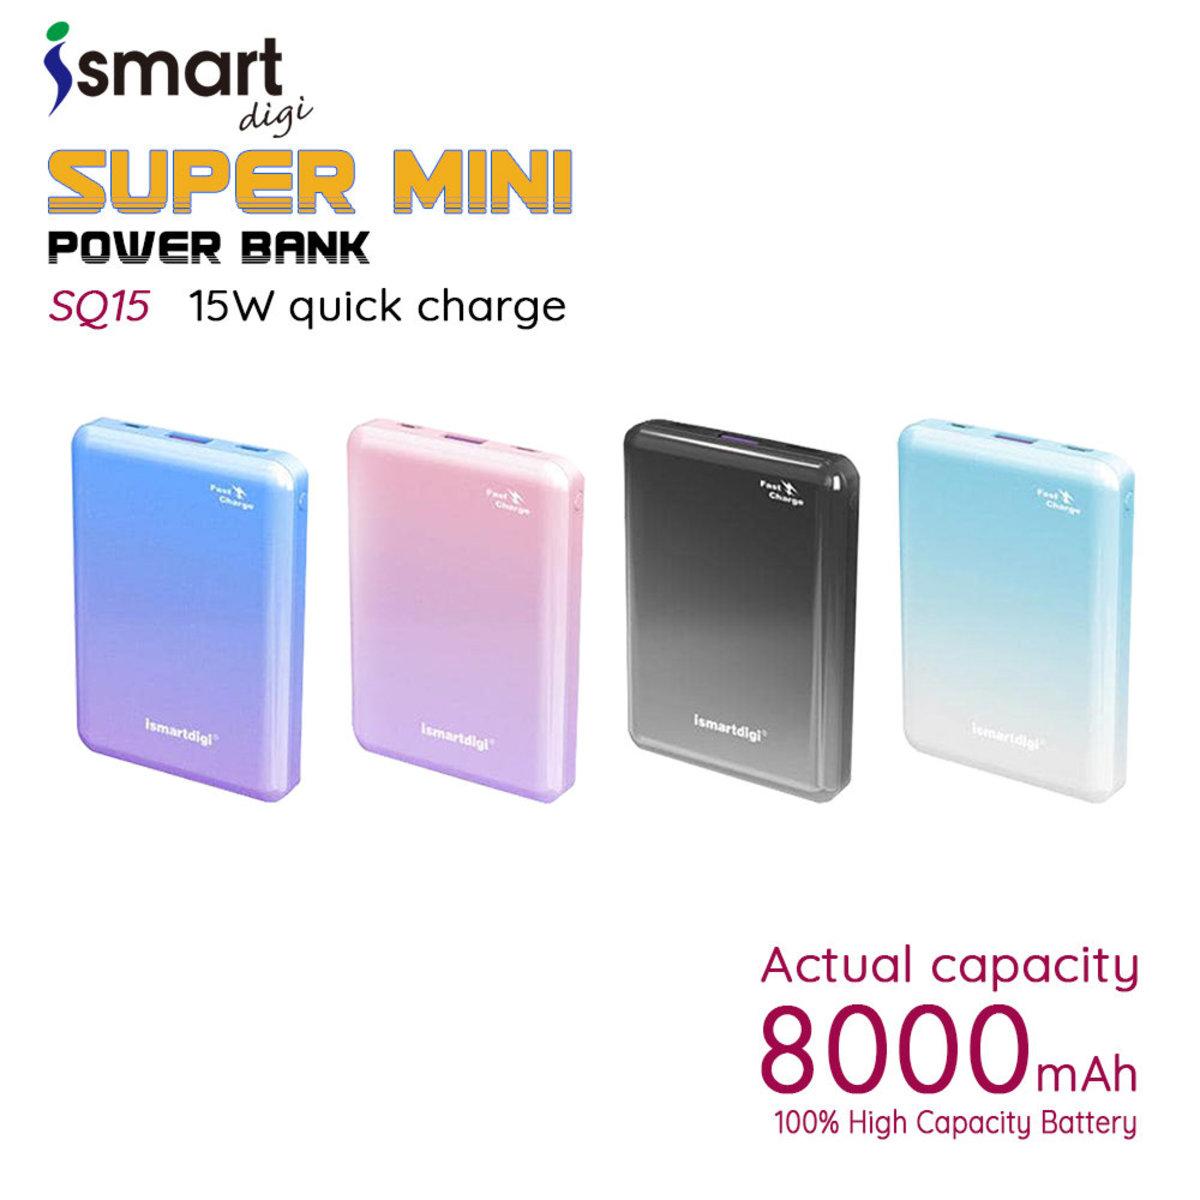 ismartdigi SQ15 Super Mini 8000mAh 15W 輸出 獨特雙色設計外置充電 (原裝保養1年)